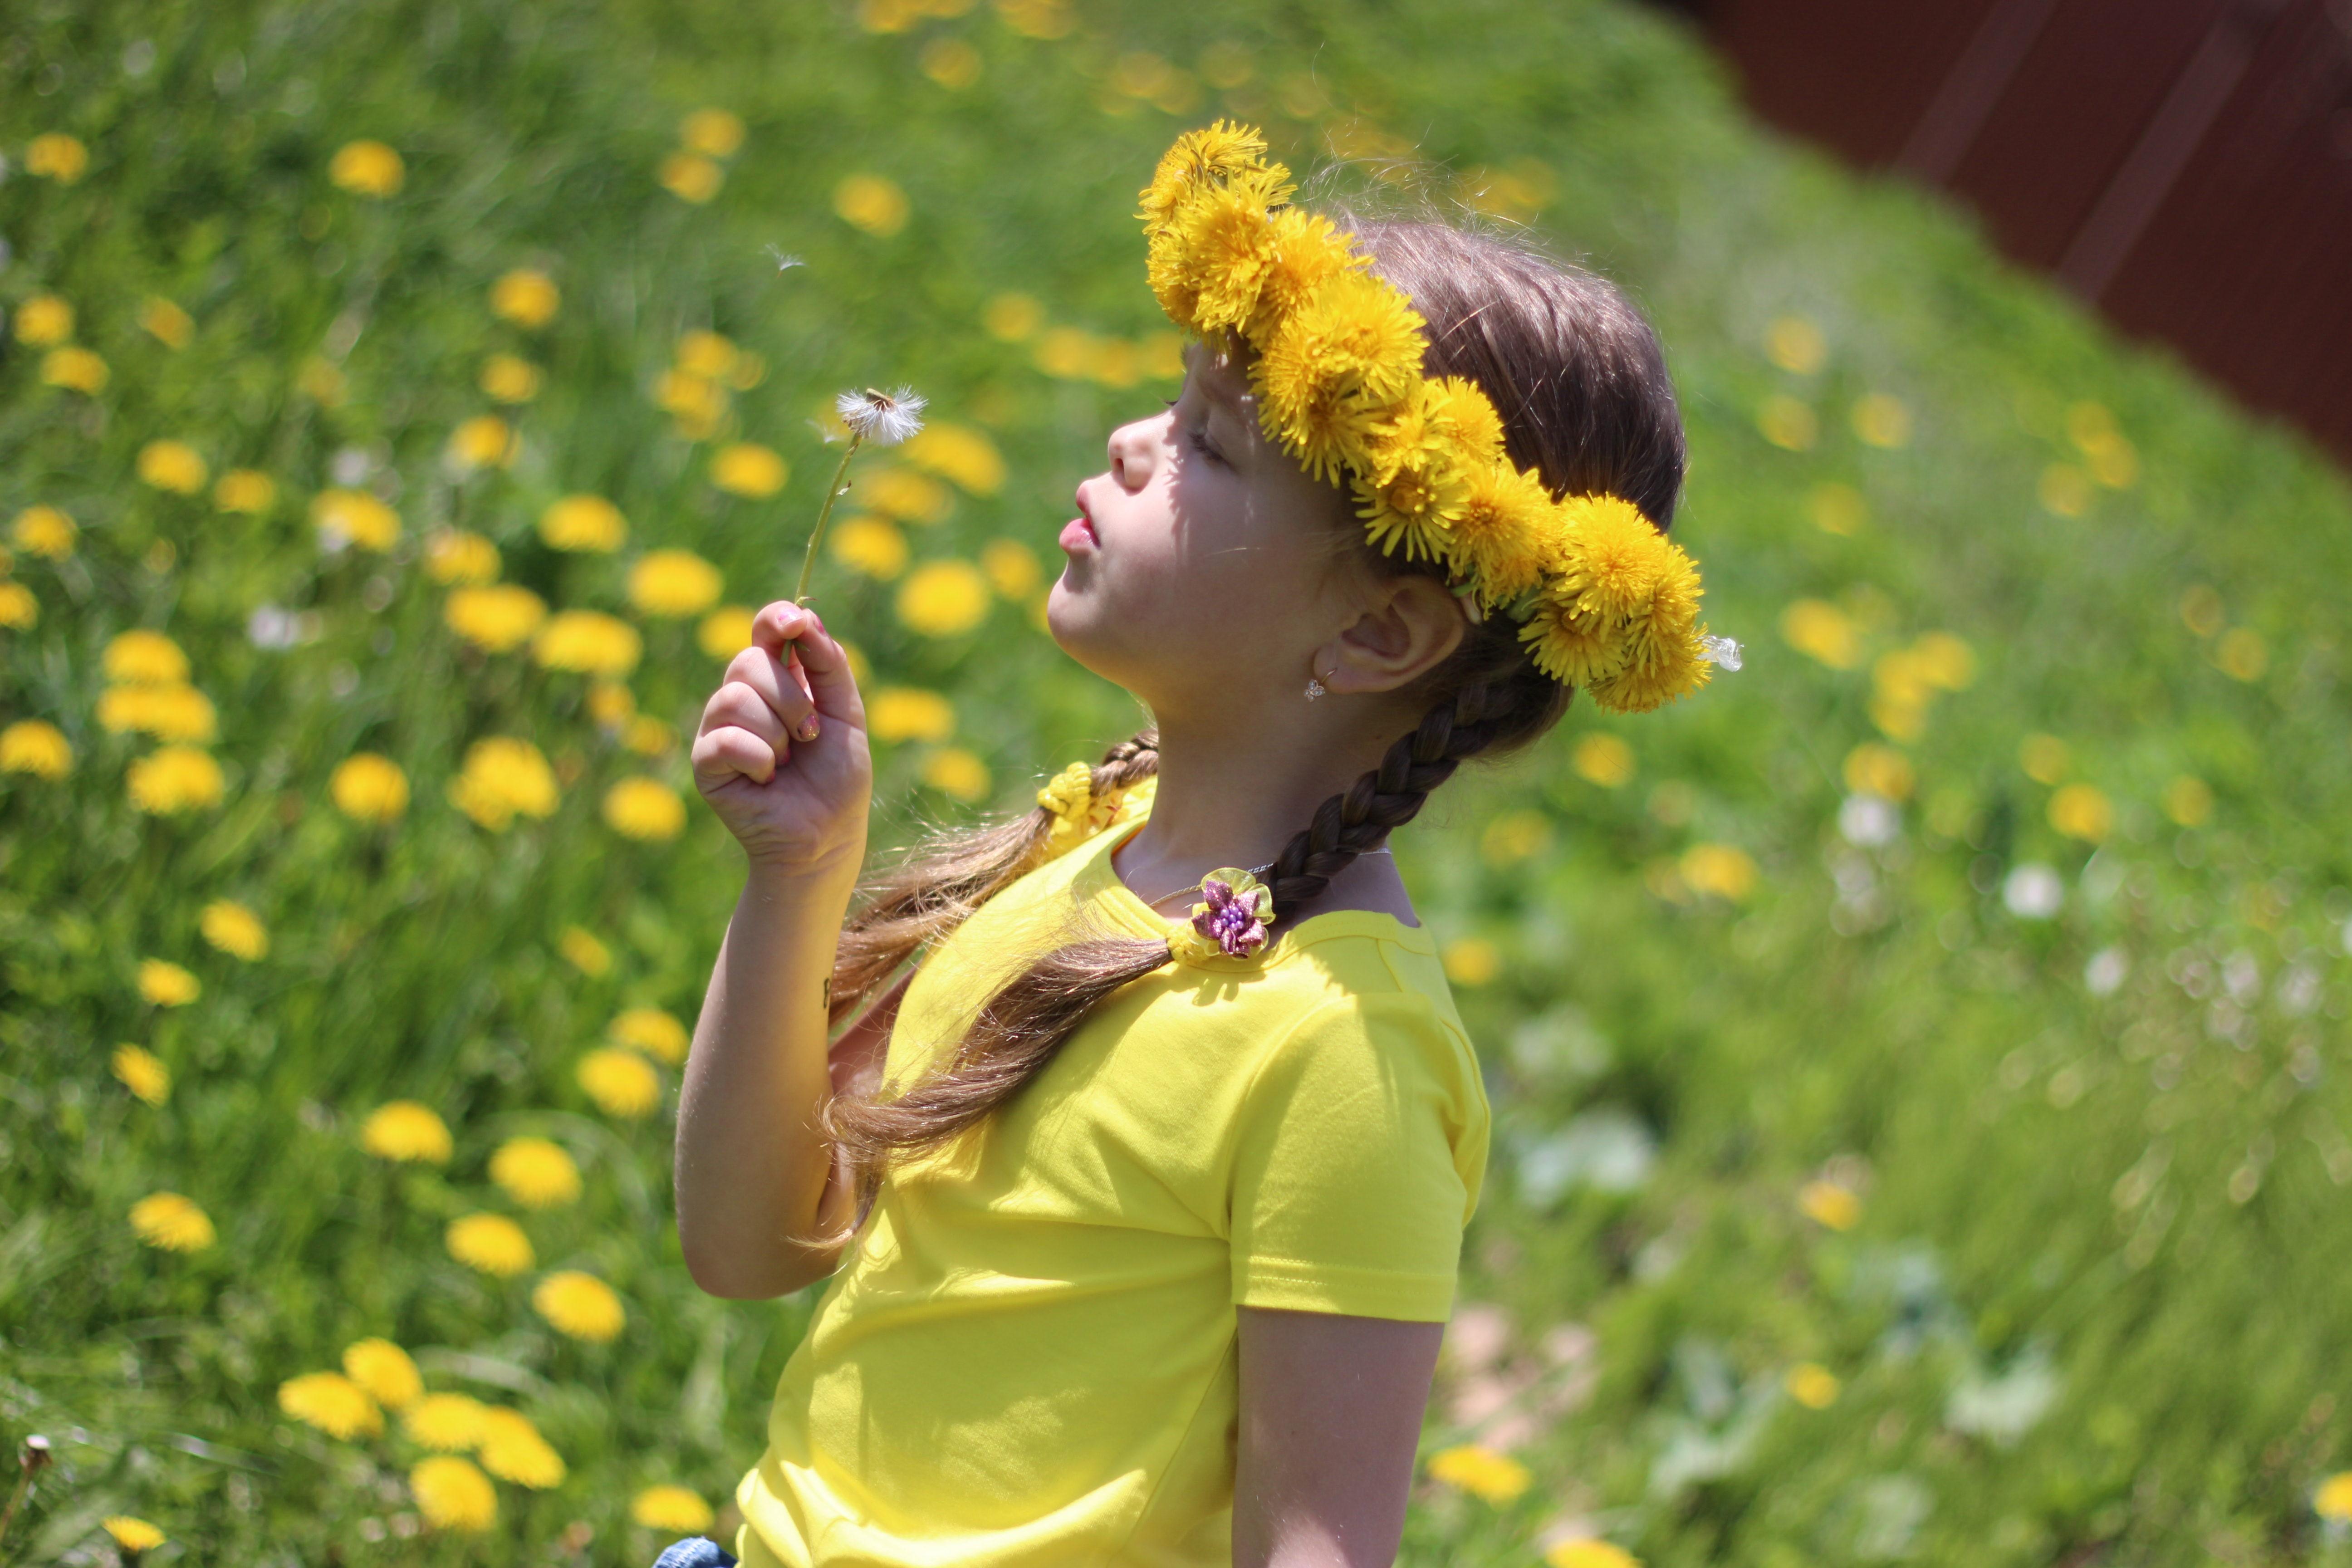 Яркий май . Ждем лето!